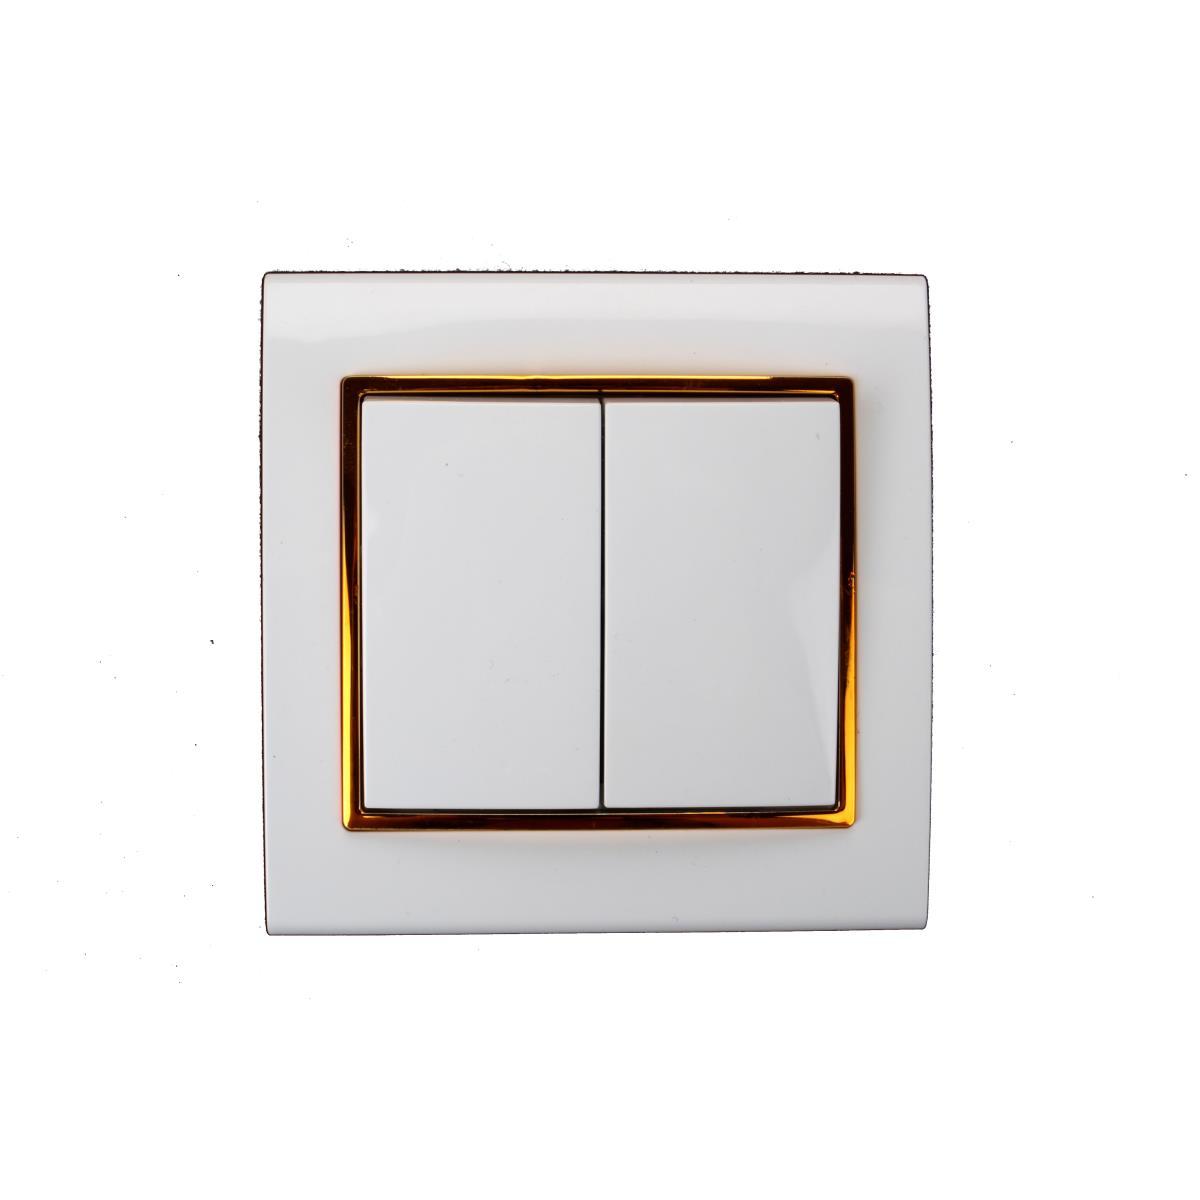 unterputz doppel zweifach lichtschalter farbe weiß/gold 10a, 230v